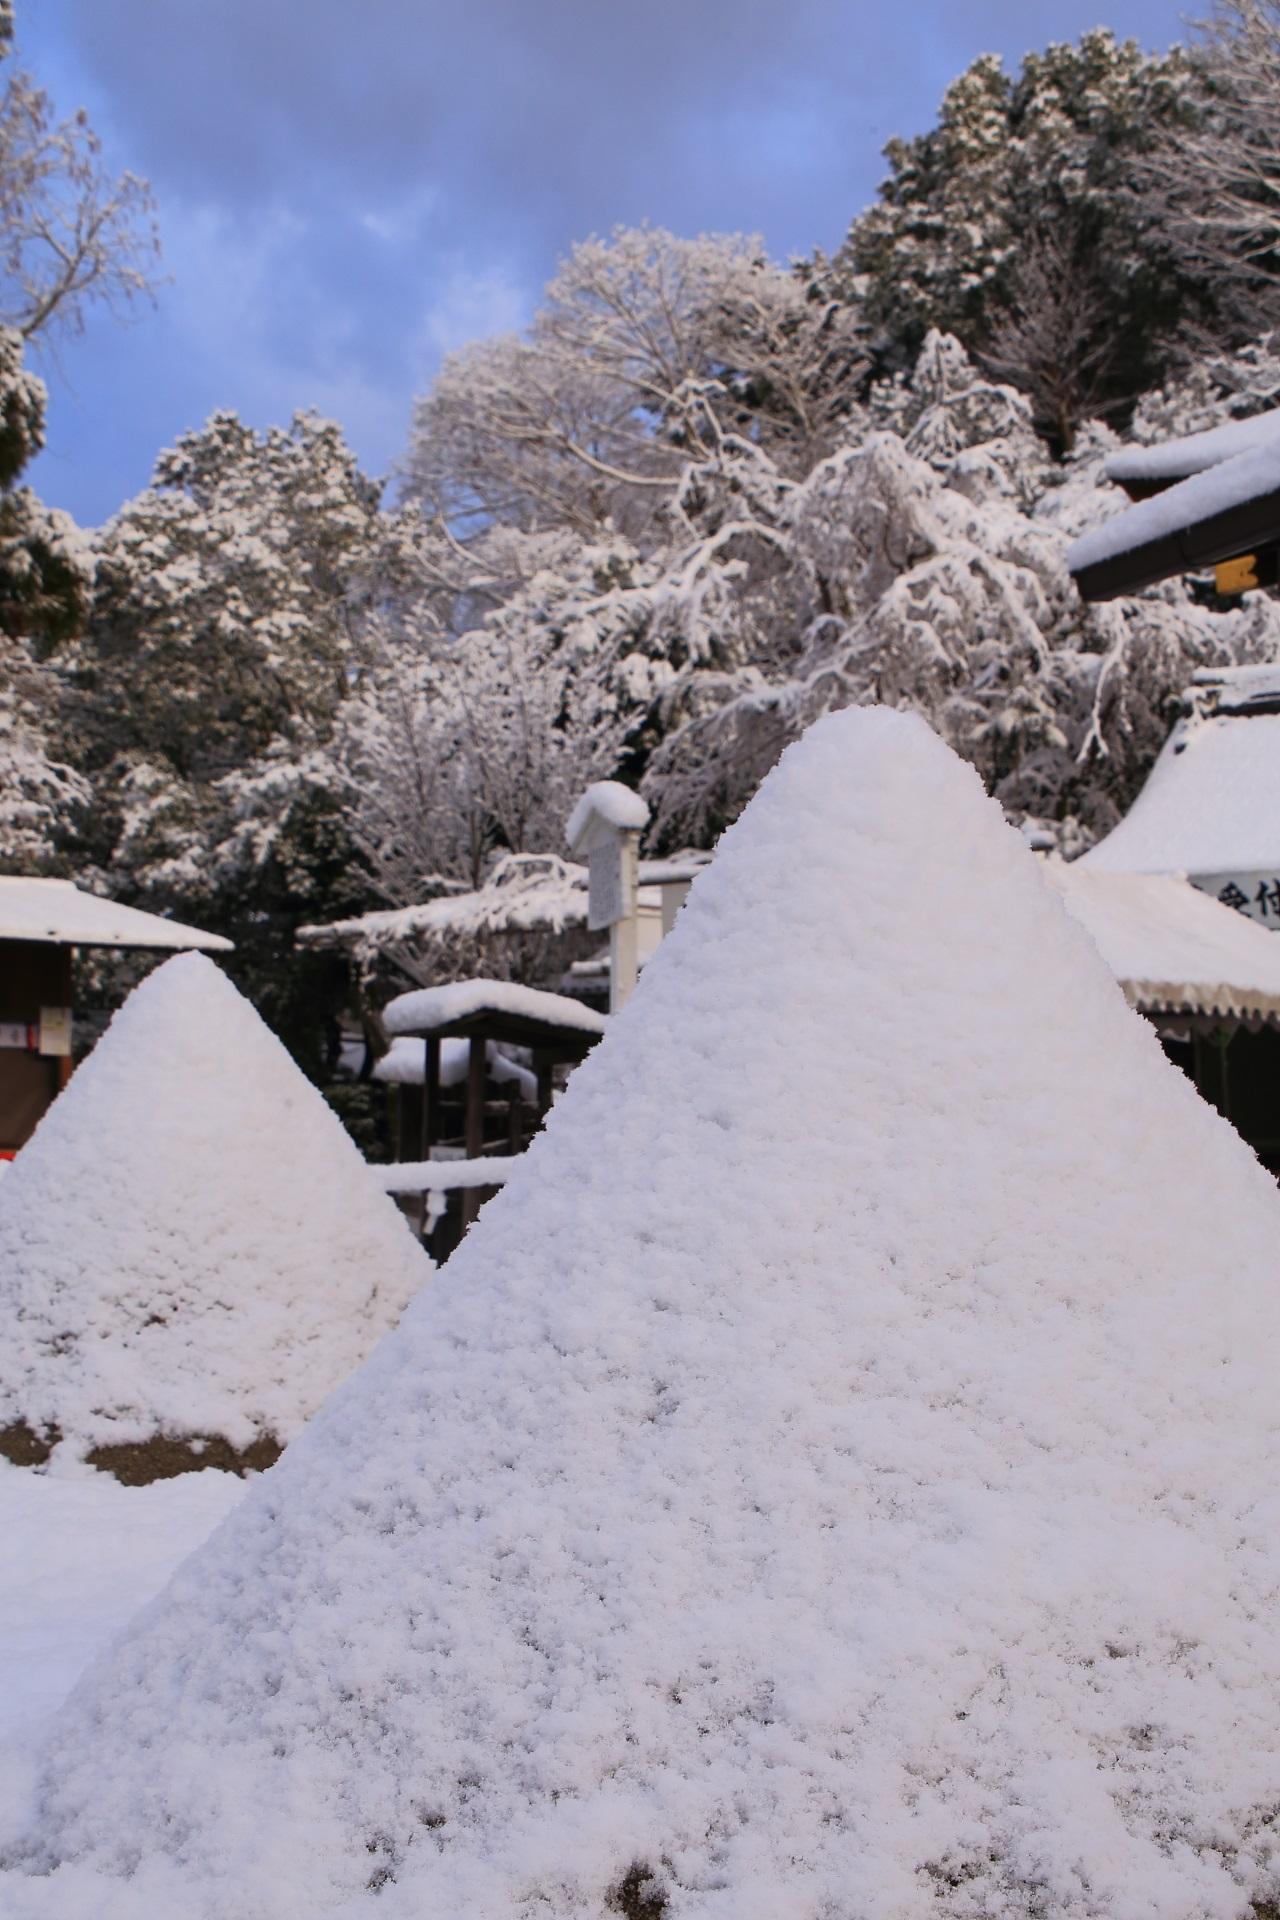 上賀茂神社の素晴らしい雪景色と冬の情景